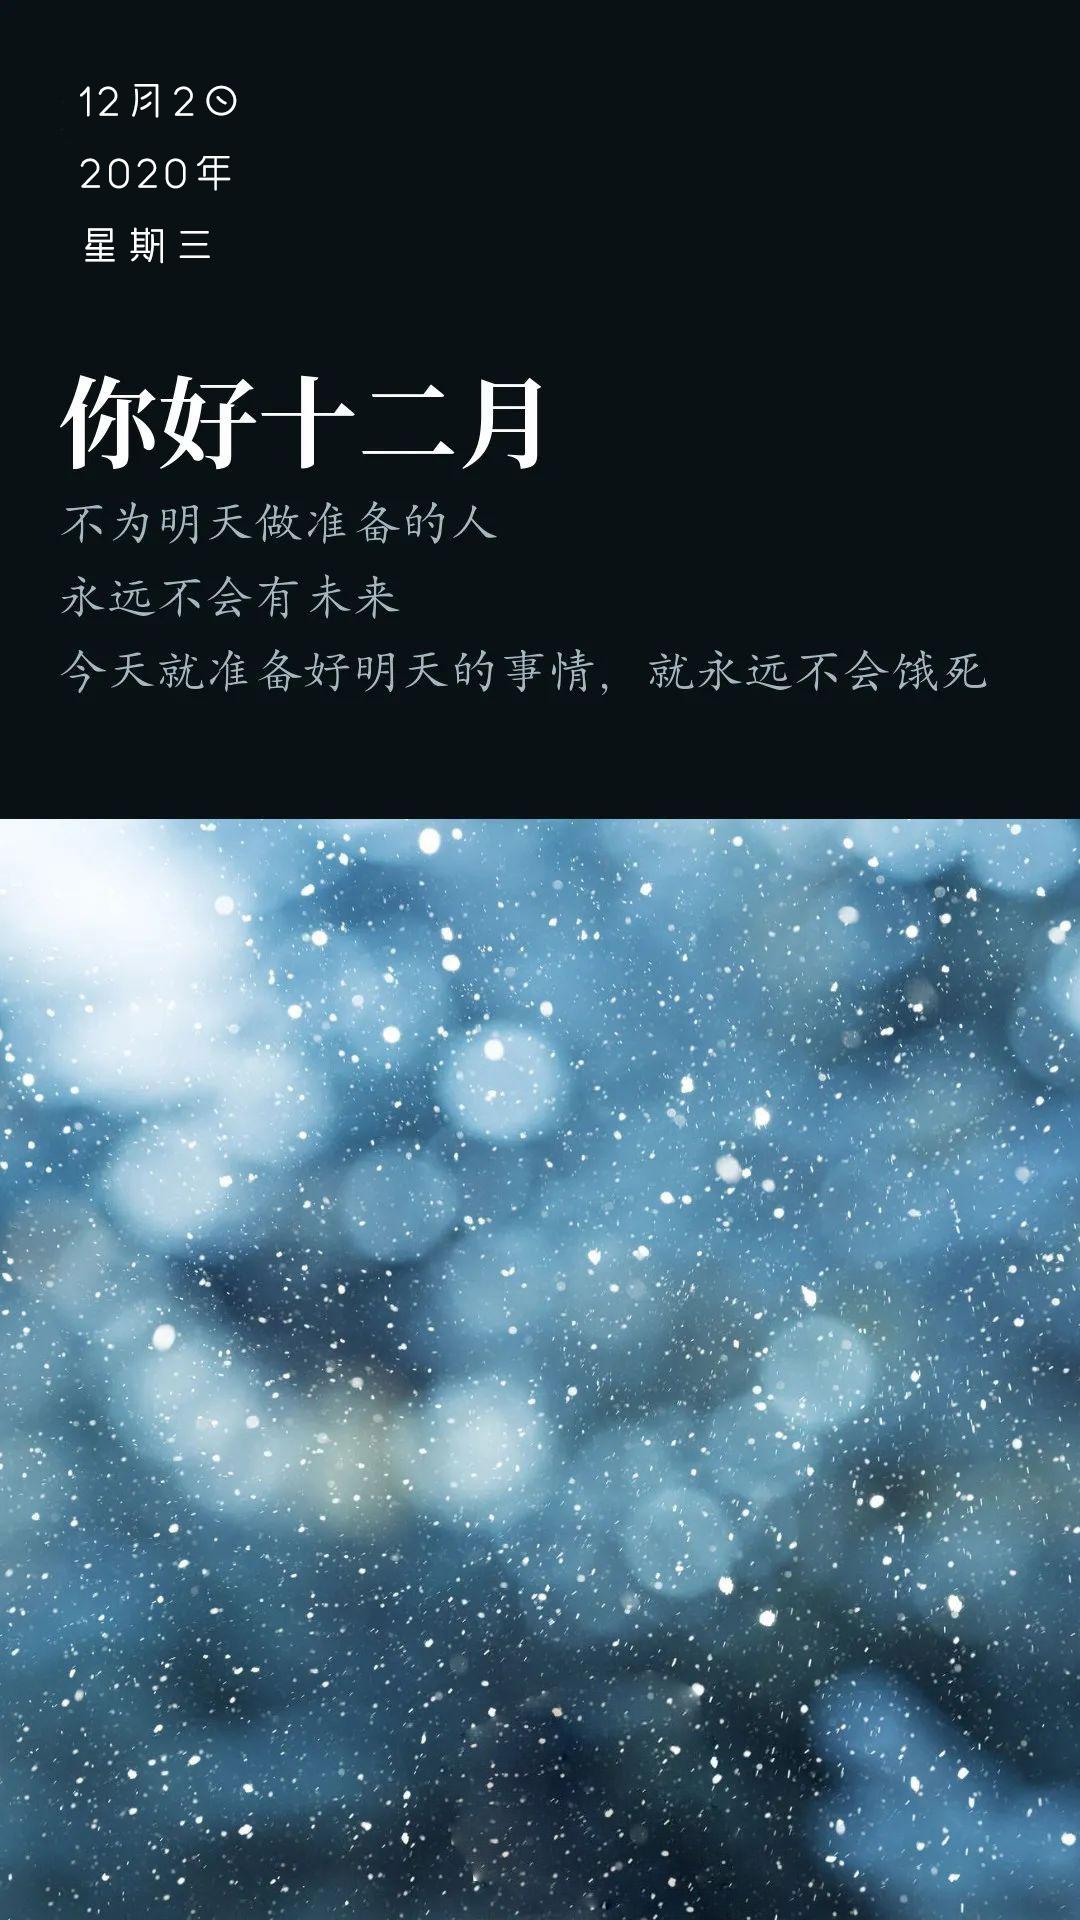 十二月温暖向上正能量图片日签带字